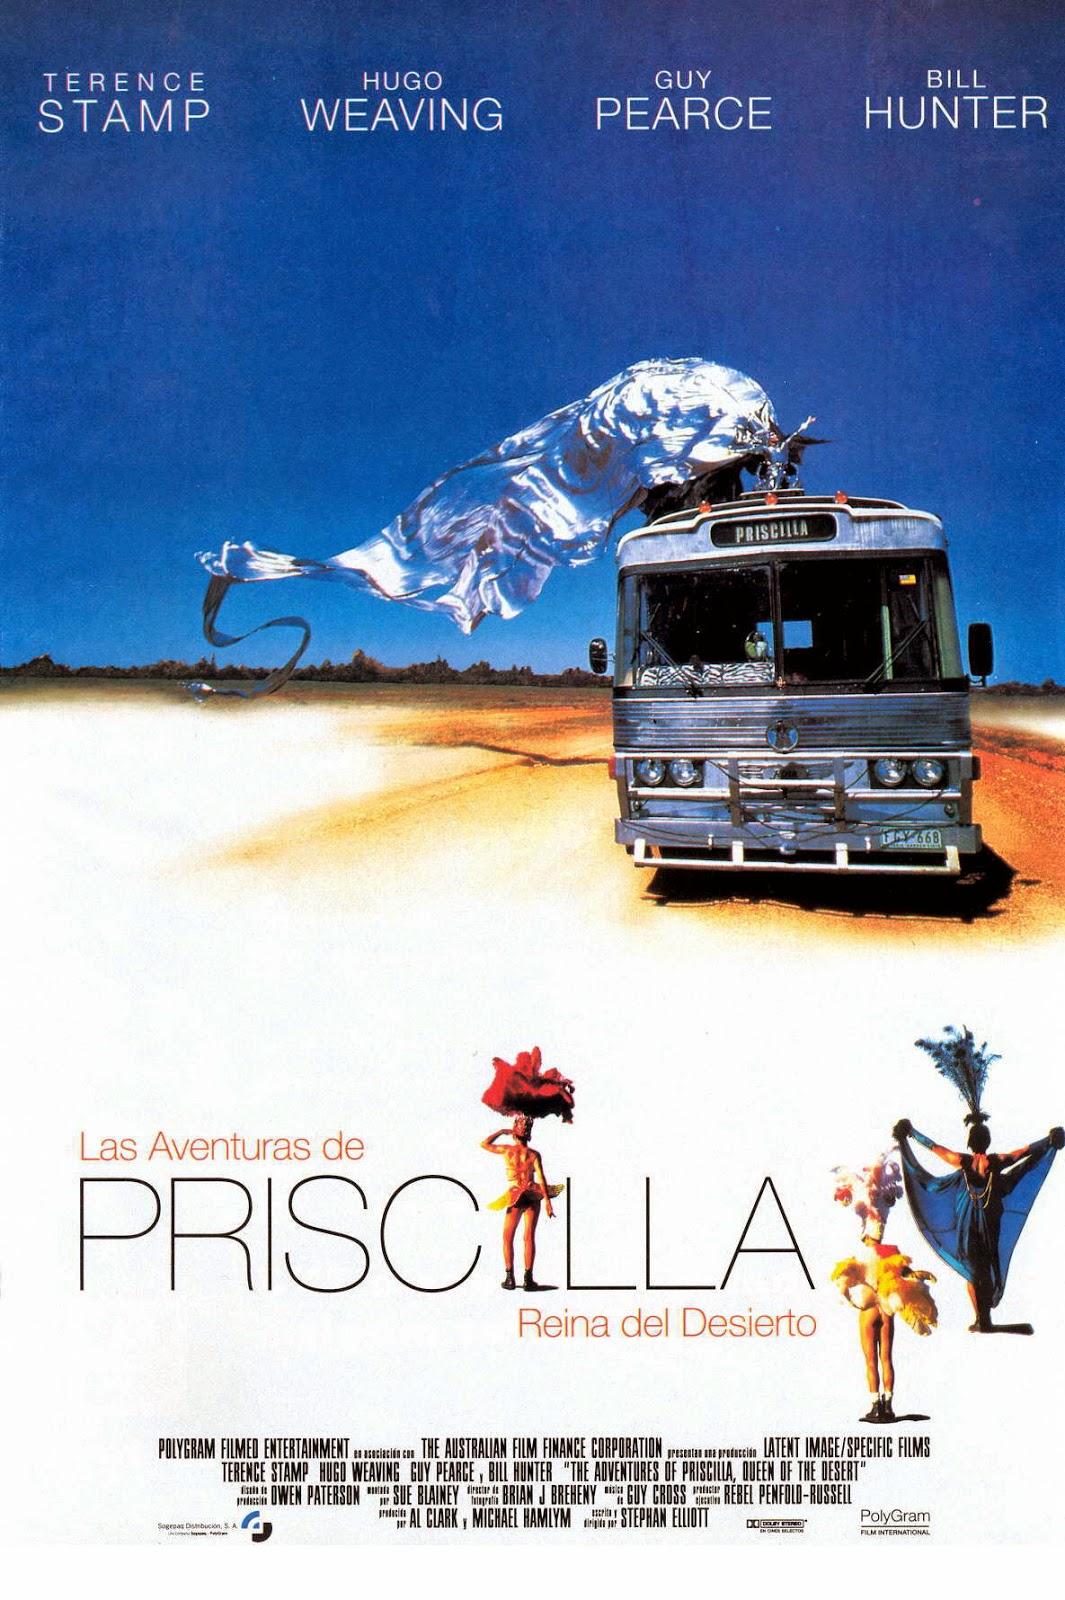 http://dvdsofaepipoca.blogspot.com.br/search/label/Priscilla%20a%20Rainha%20do%20Deserto